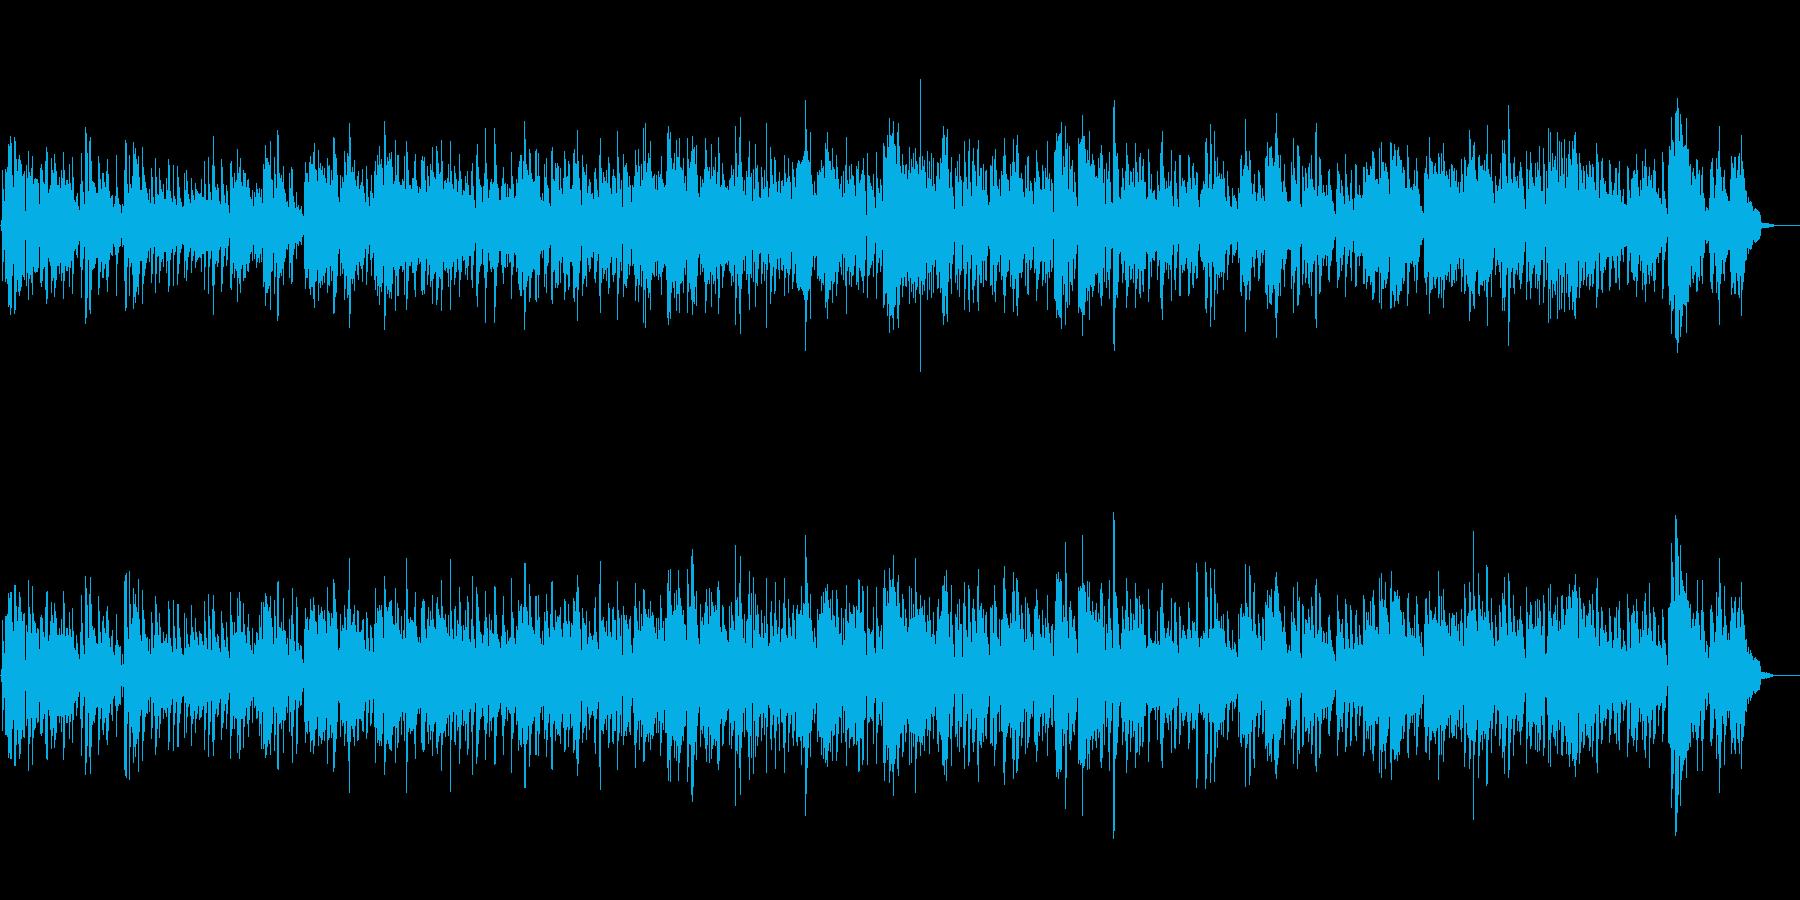 オシャレな夜を演出するジャズバラードの再生済みの波形